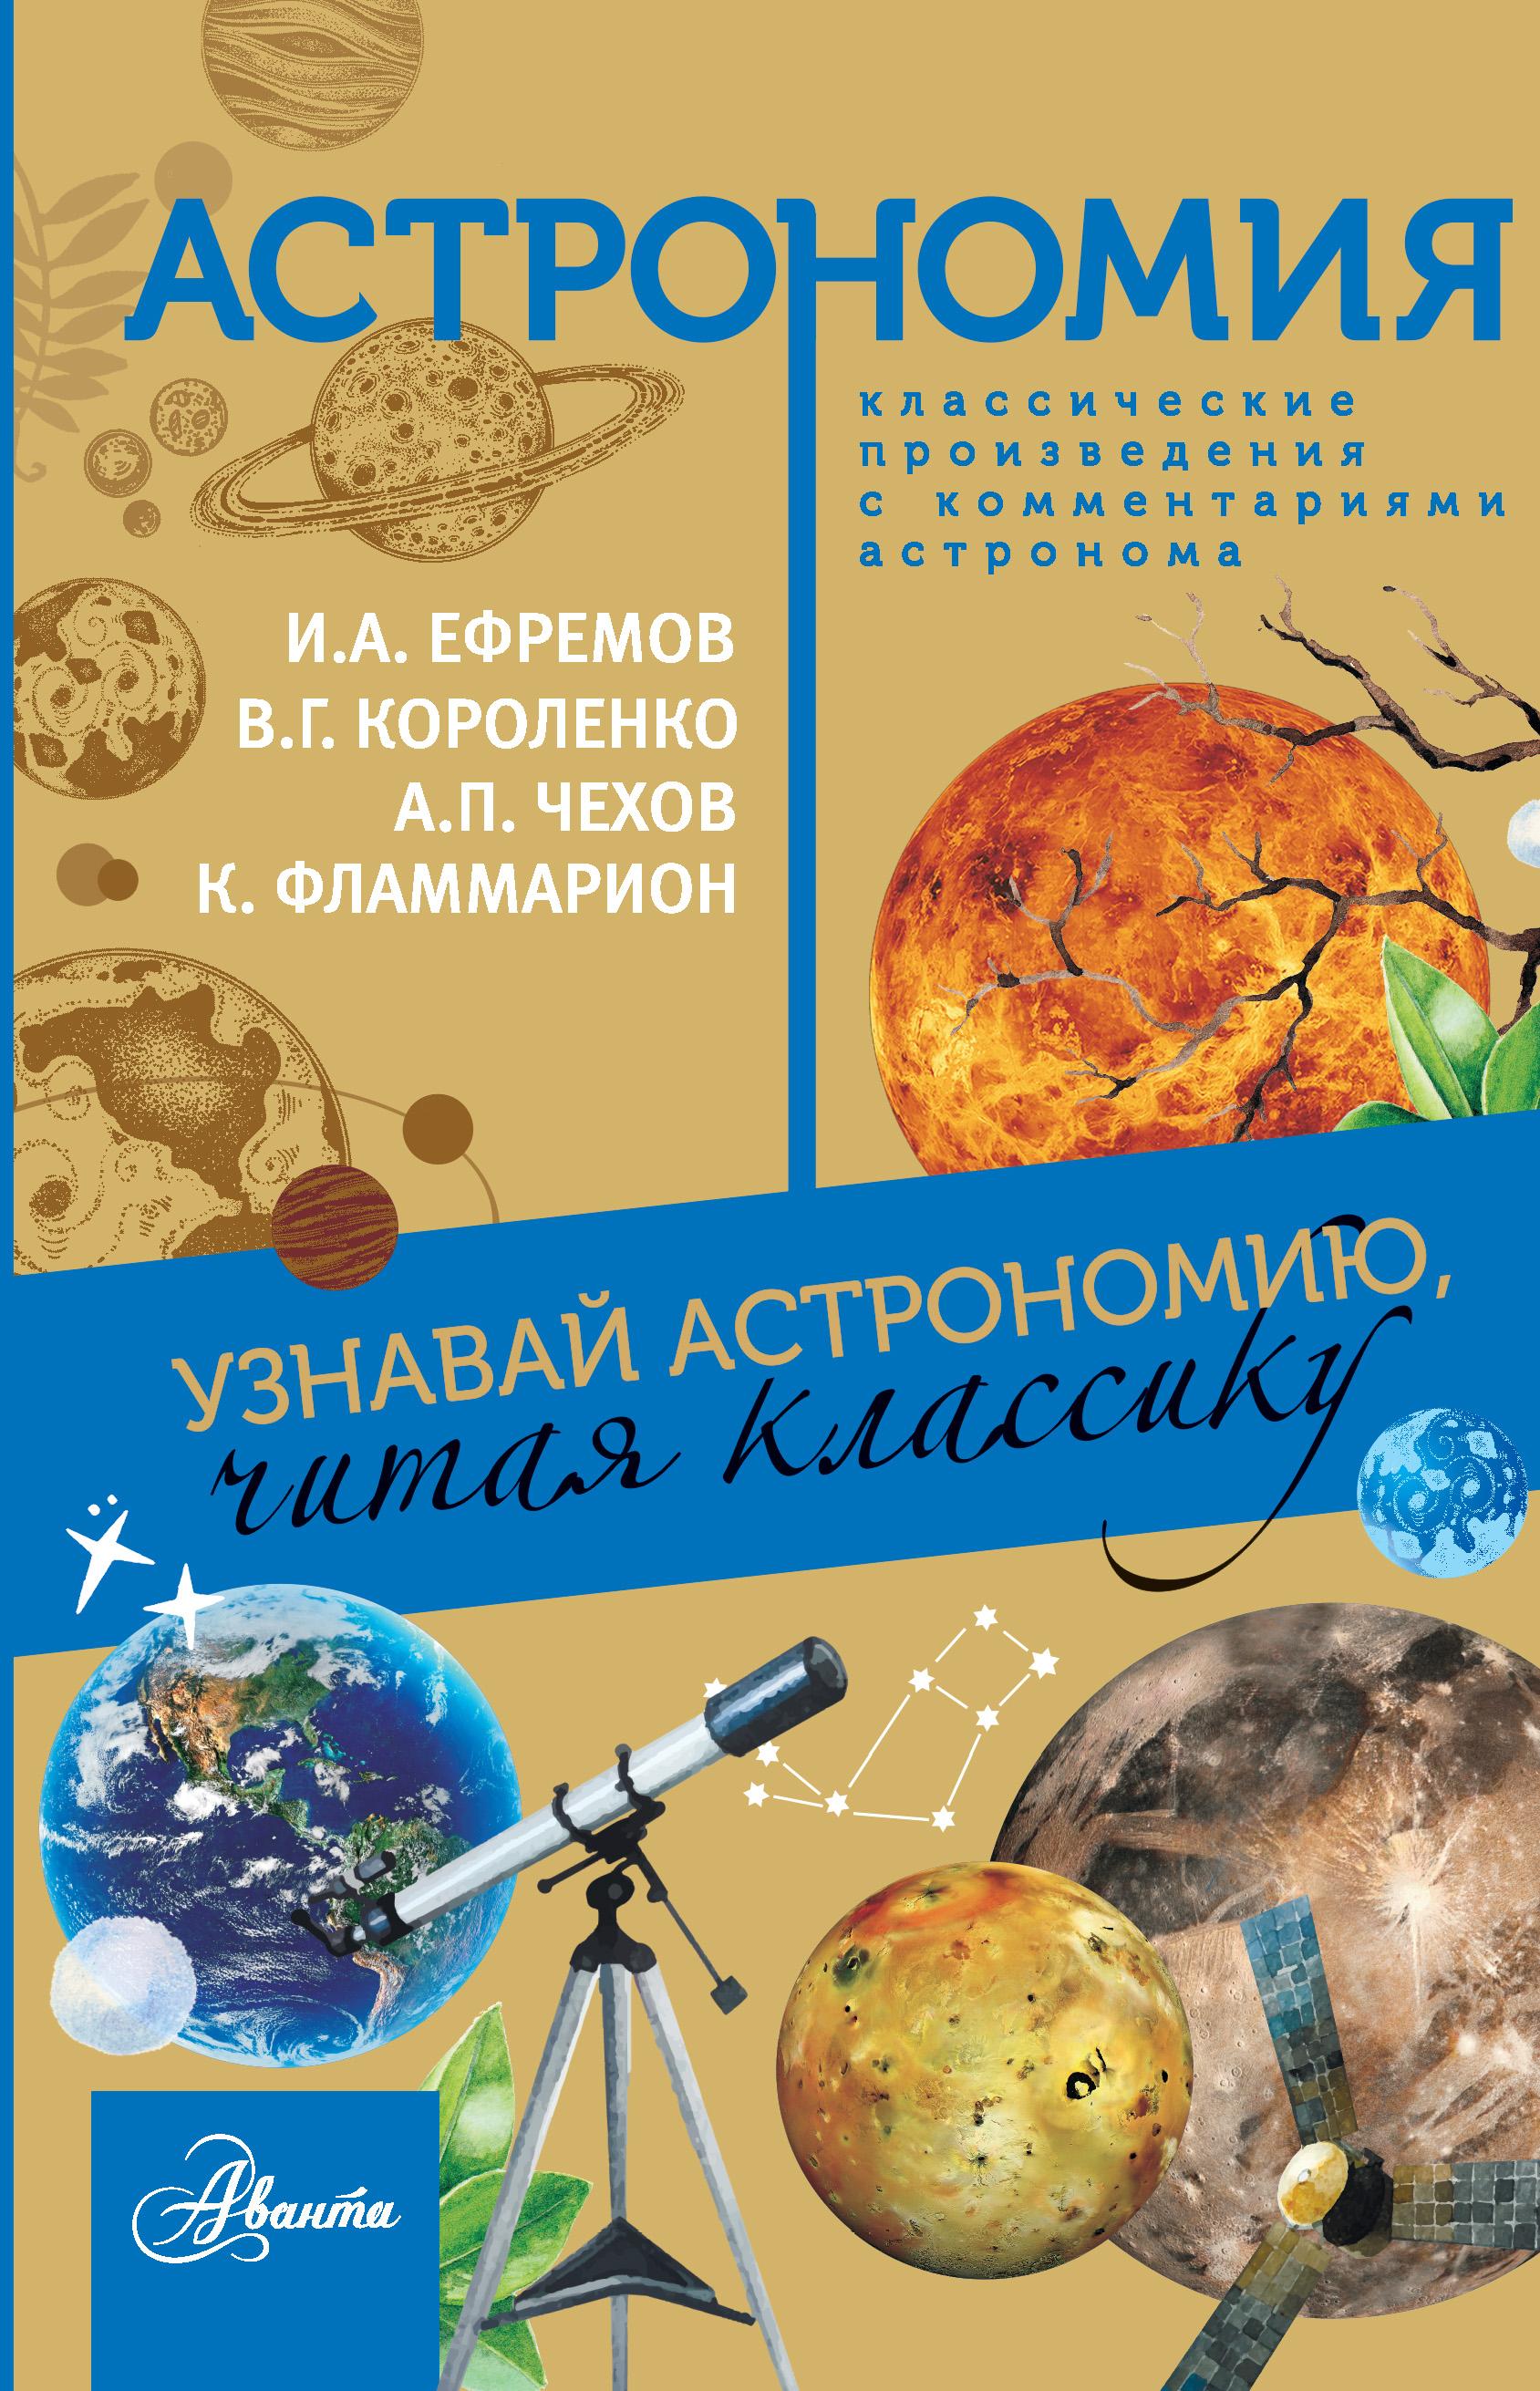 Астрономия. Узнавай астрономию, читая классику. С комментарием ученых